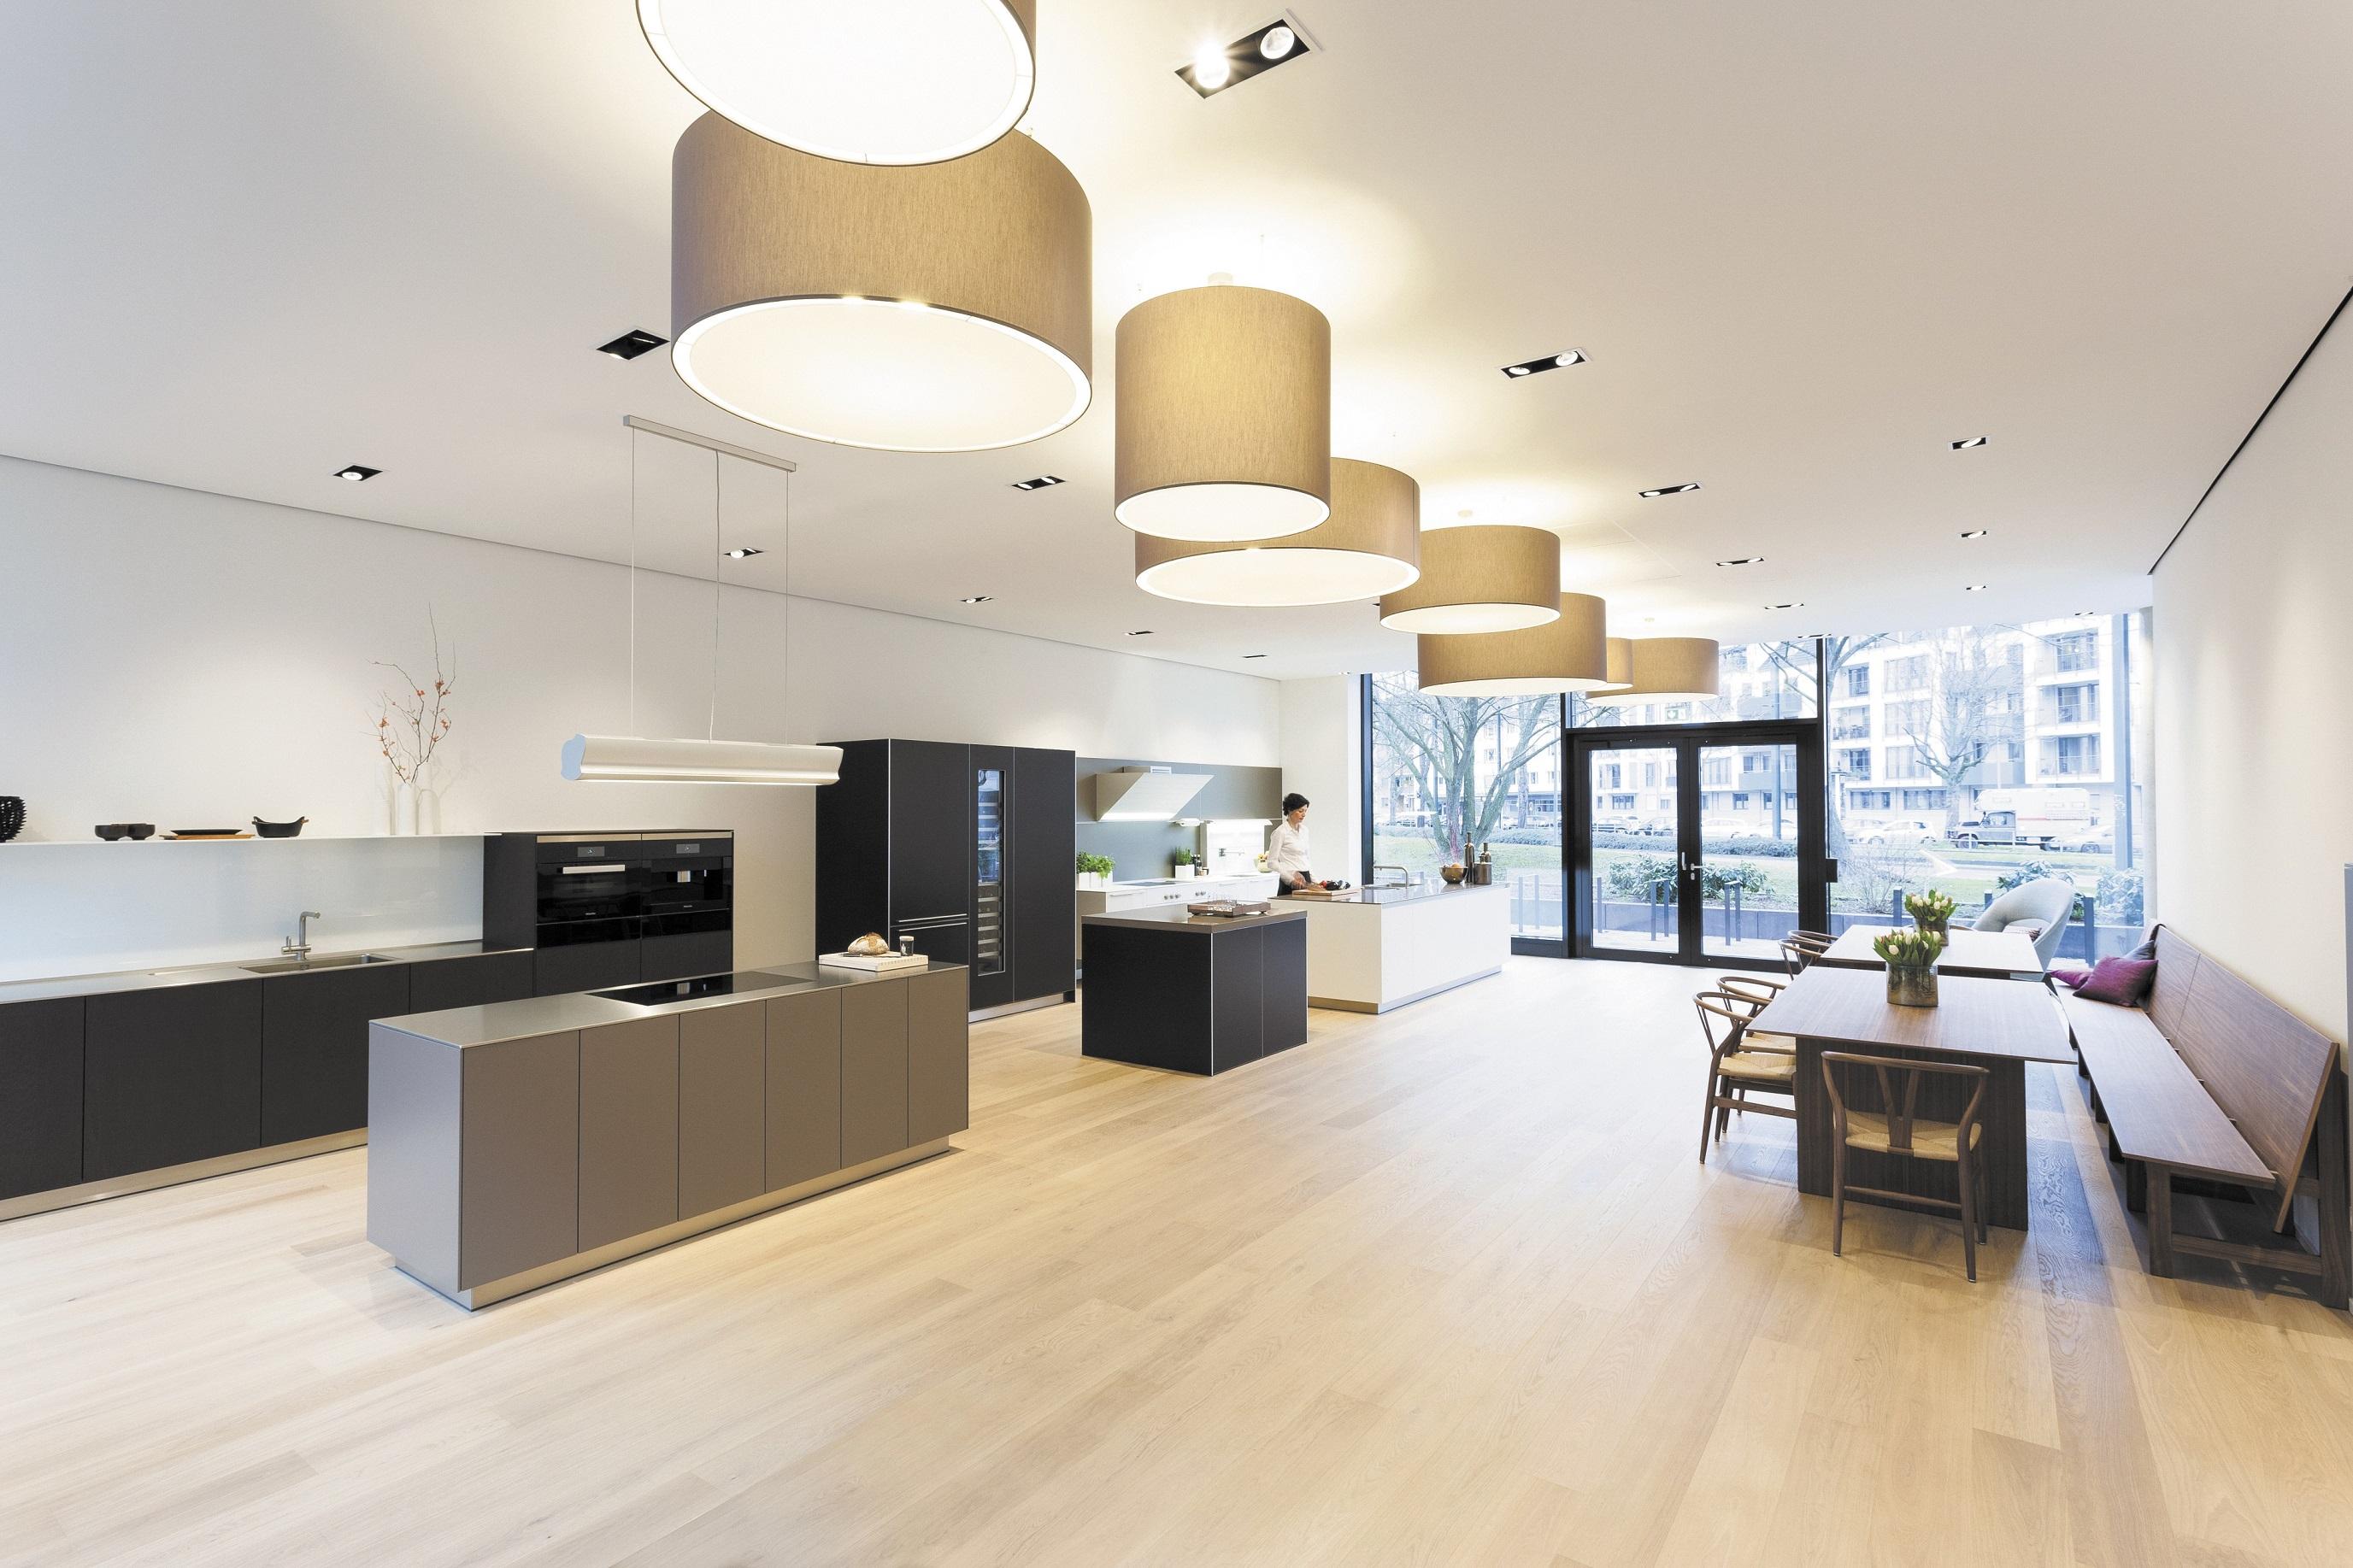 bulthaup im belsenpark in d sseldorf. Black Bedroom Furniture Sets. Home Design Ideas